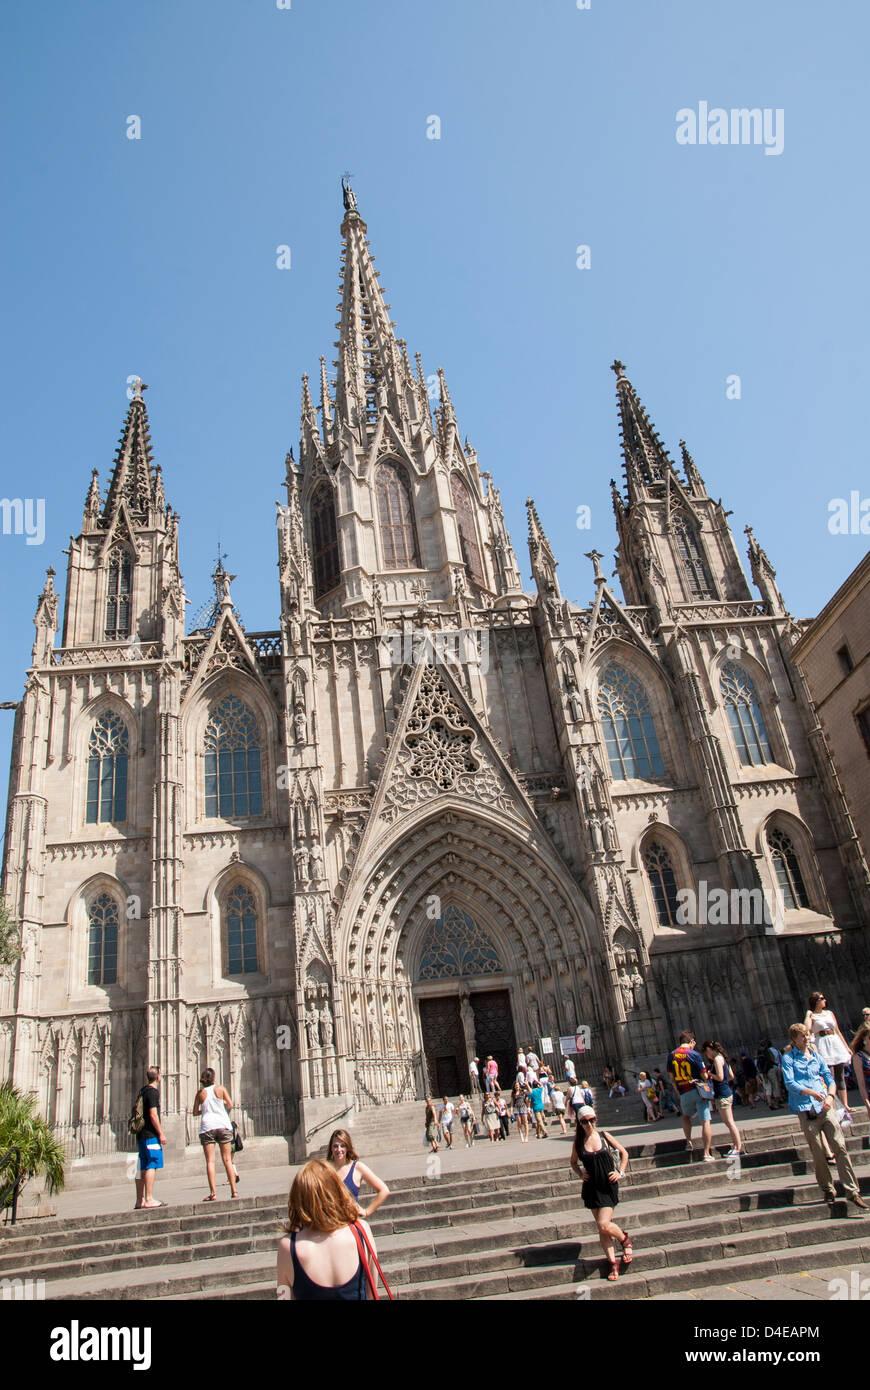 Barcelona, Spanien. Die Kathedrale des Heiligen Kreuzes und Santa Eulalia, Kathedrale von Barcelona. Stockbild